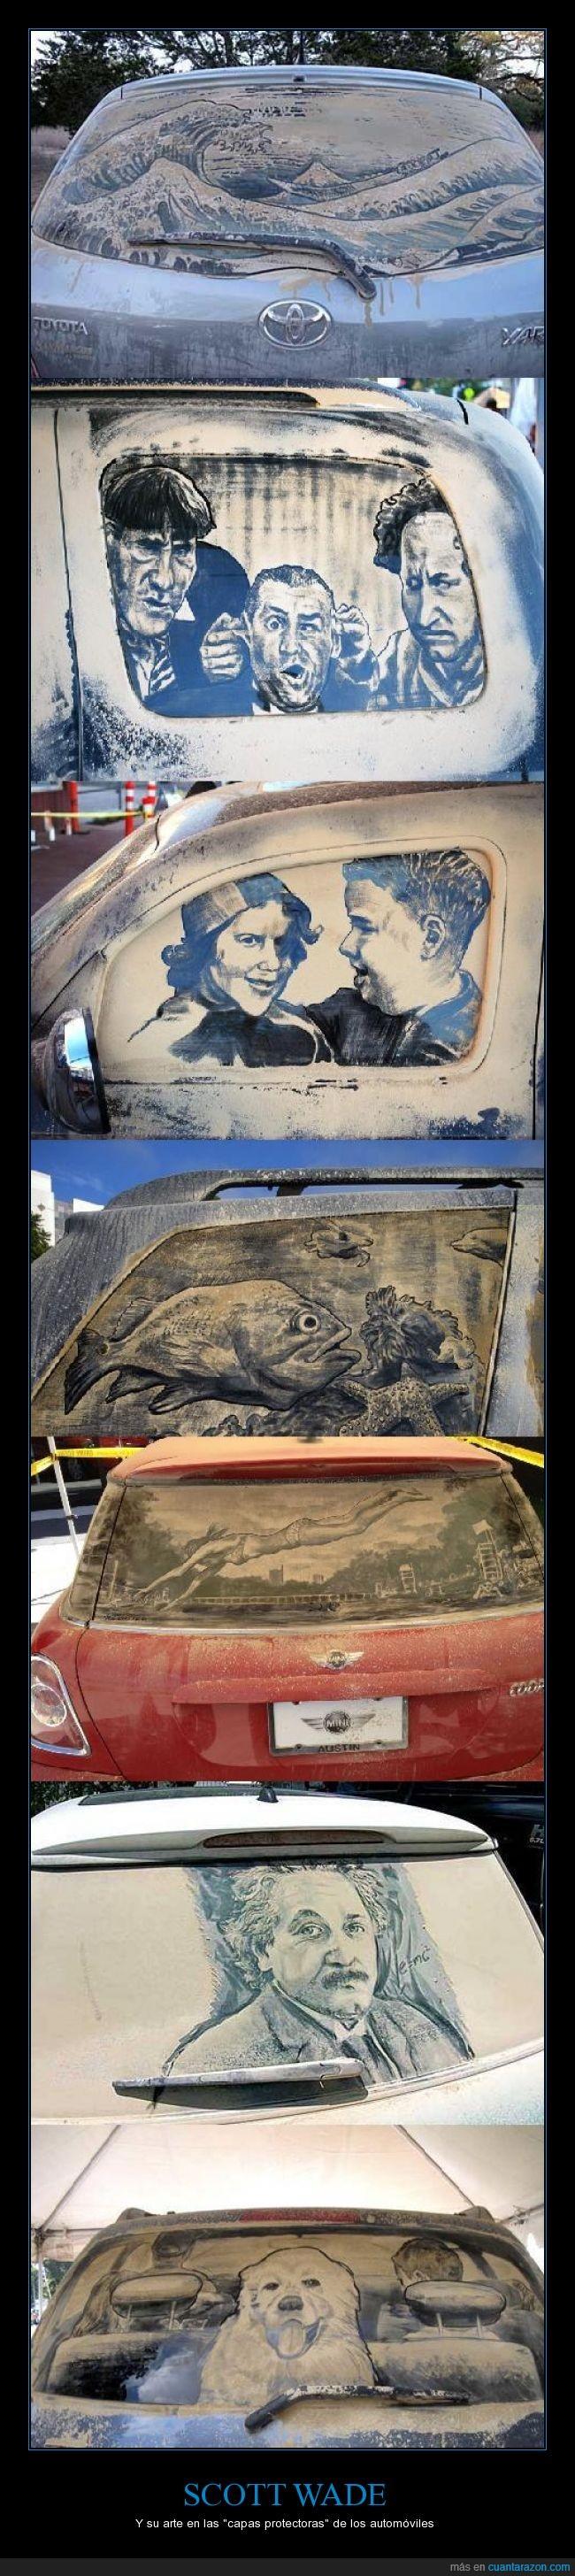 arte,artista,automóviles,capa protectora,mucho tiempo libre,parabrisas,polvo,scott wade